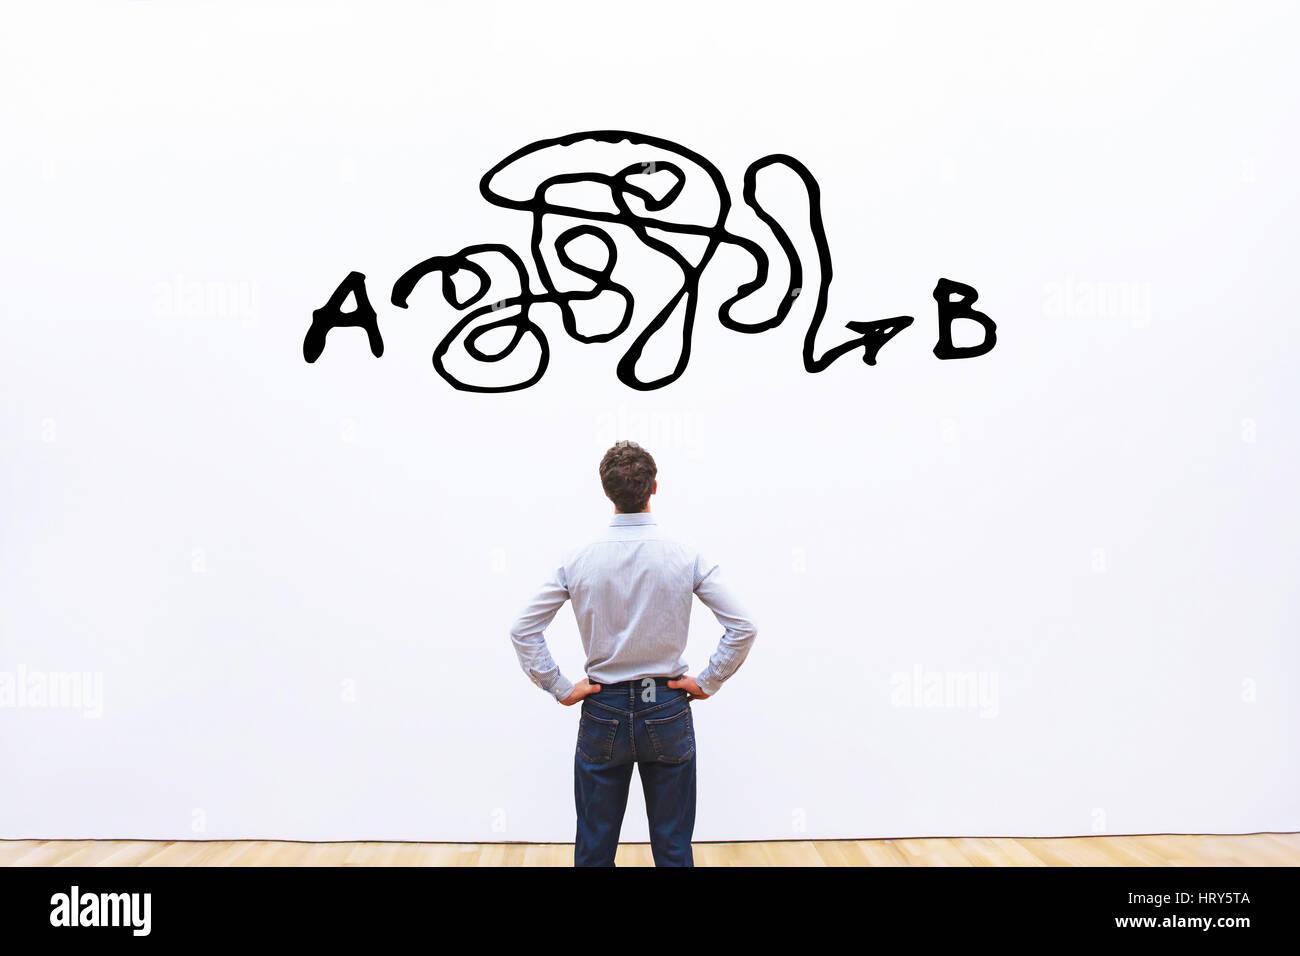 Solución de problemas, solución complicada desde un punto A hasta un punto B, idea de negocio o concepto Imagen De Stock